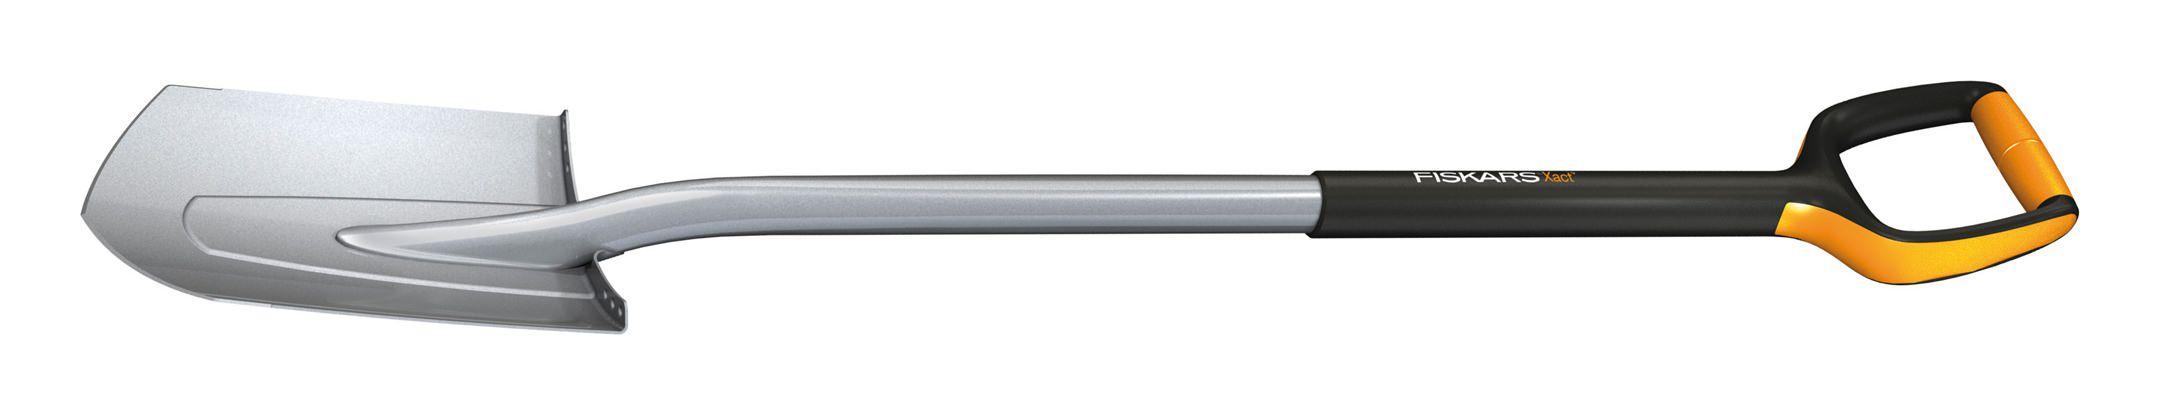 Fiskars Spaten Xact Spitz L - 1003683